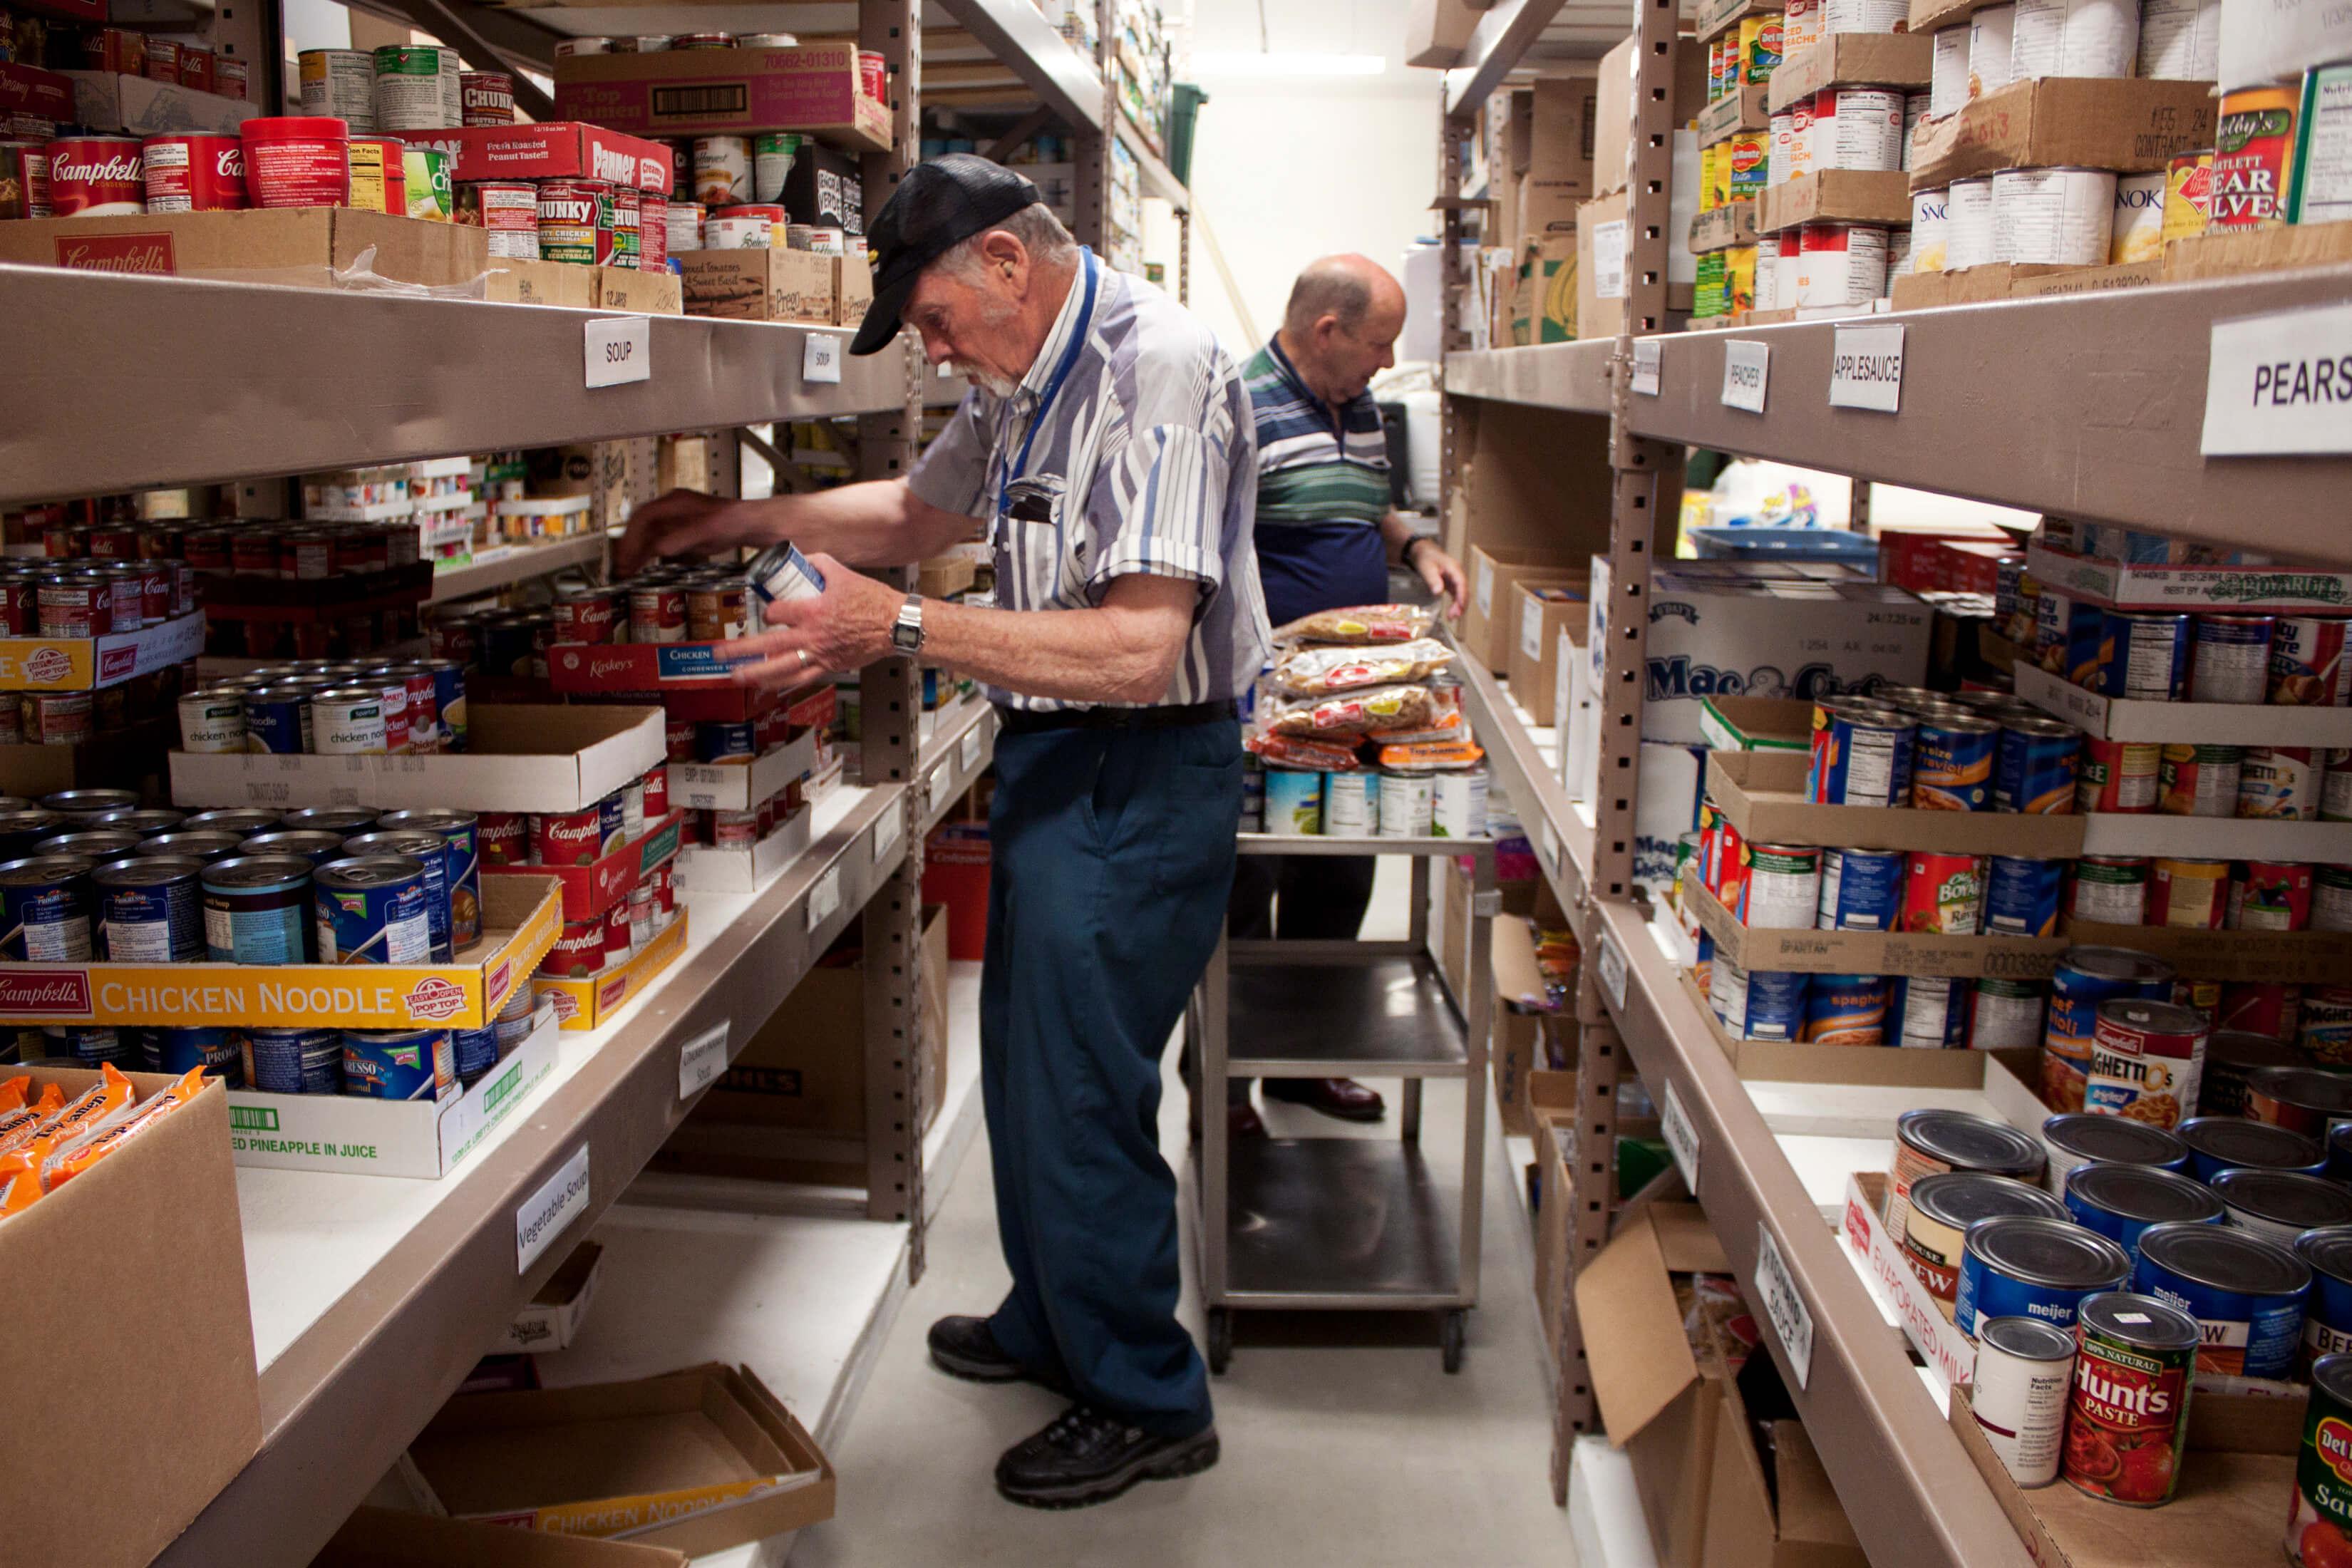 Men working on large pantry